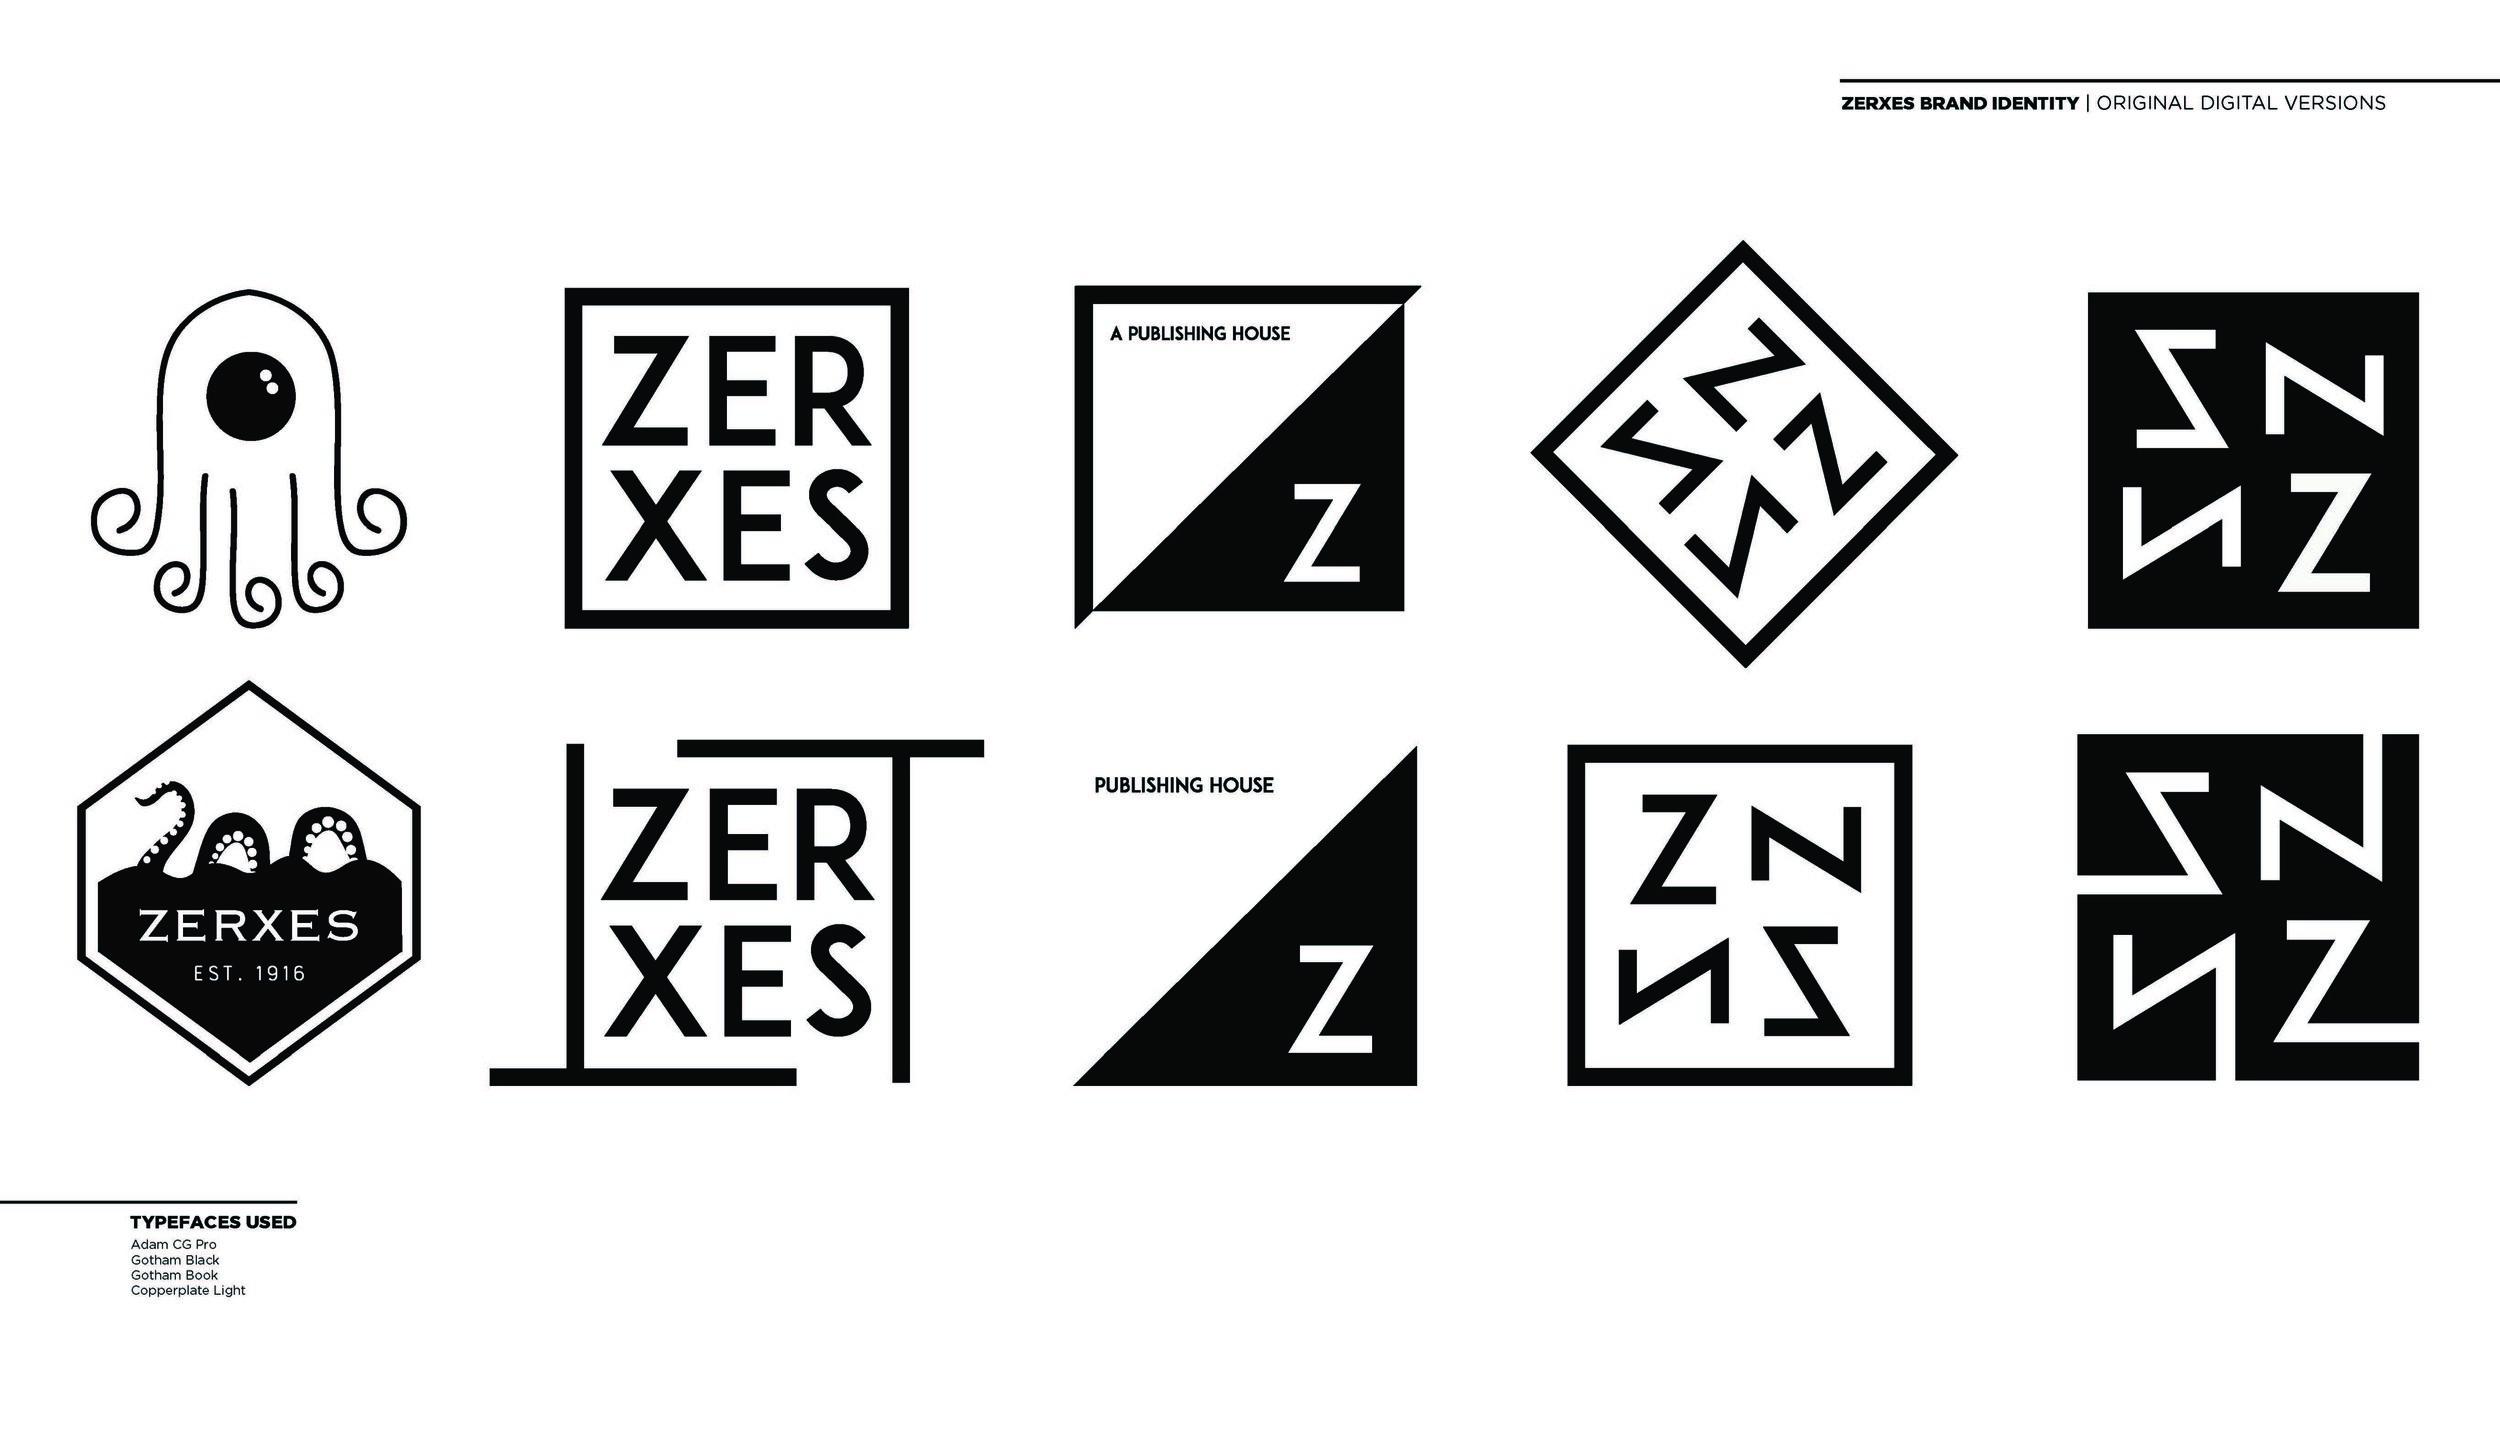 zerxes+design+process_Page_02.jpg